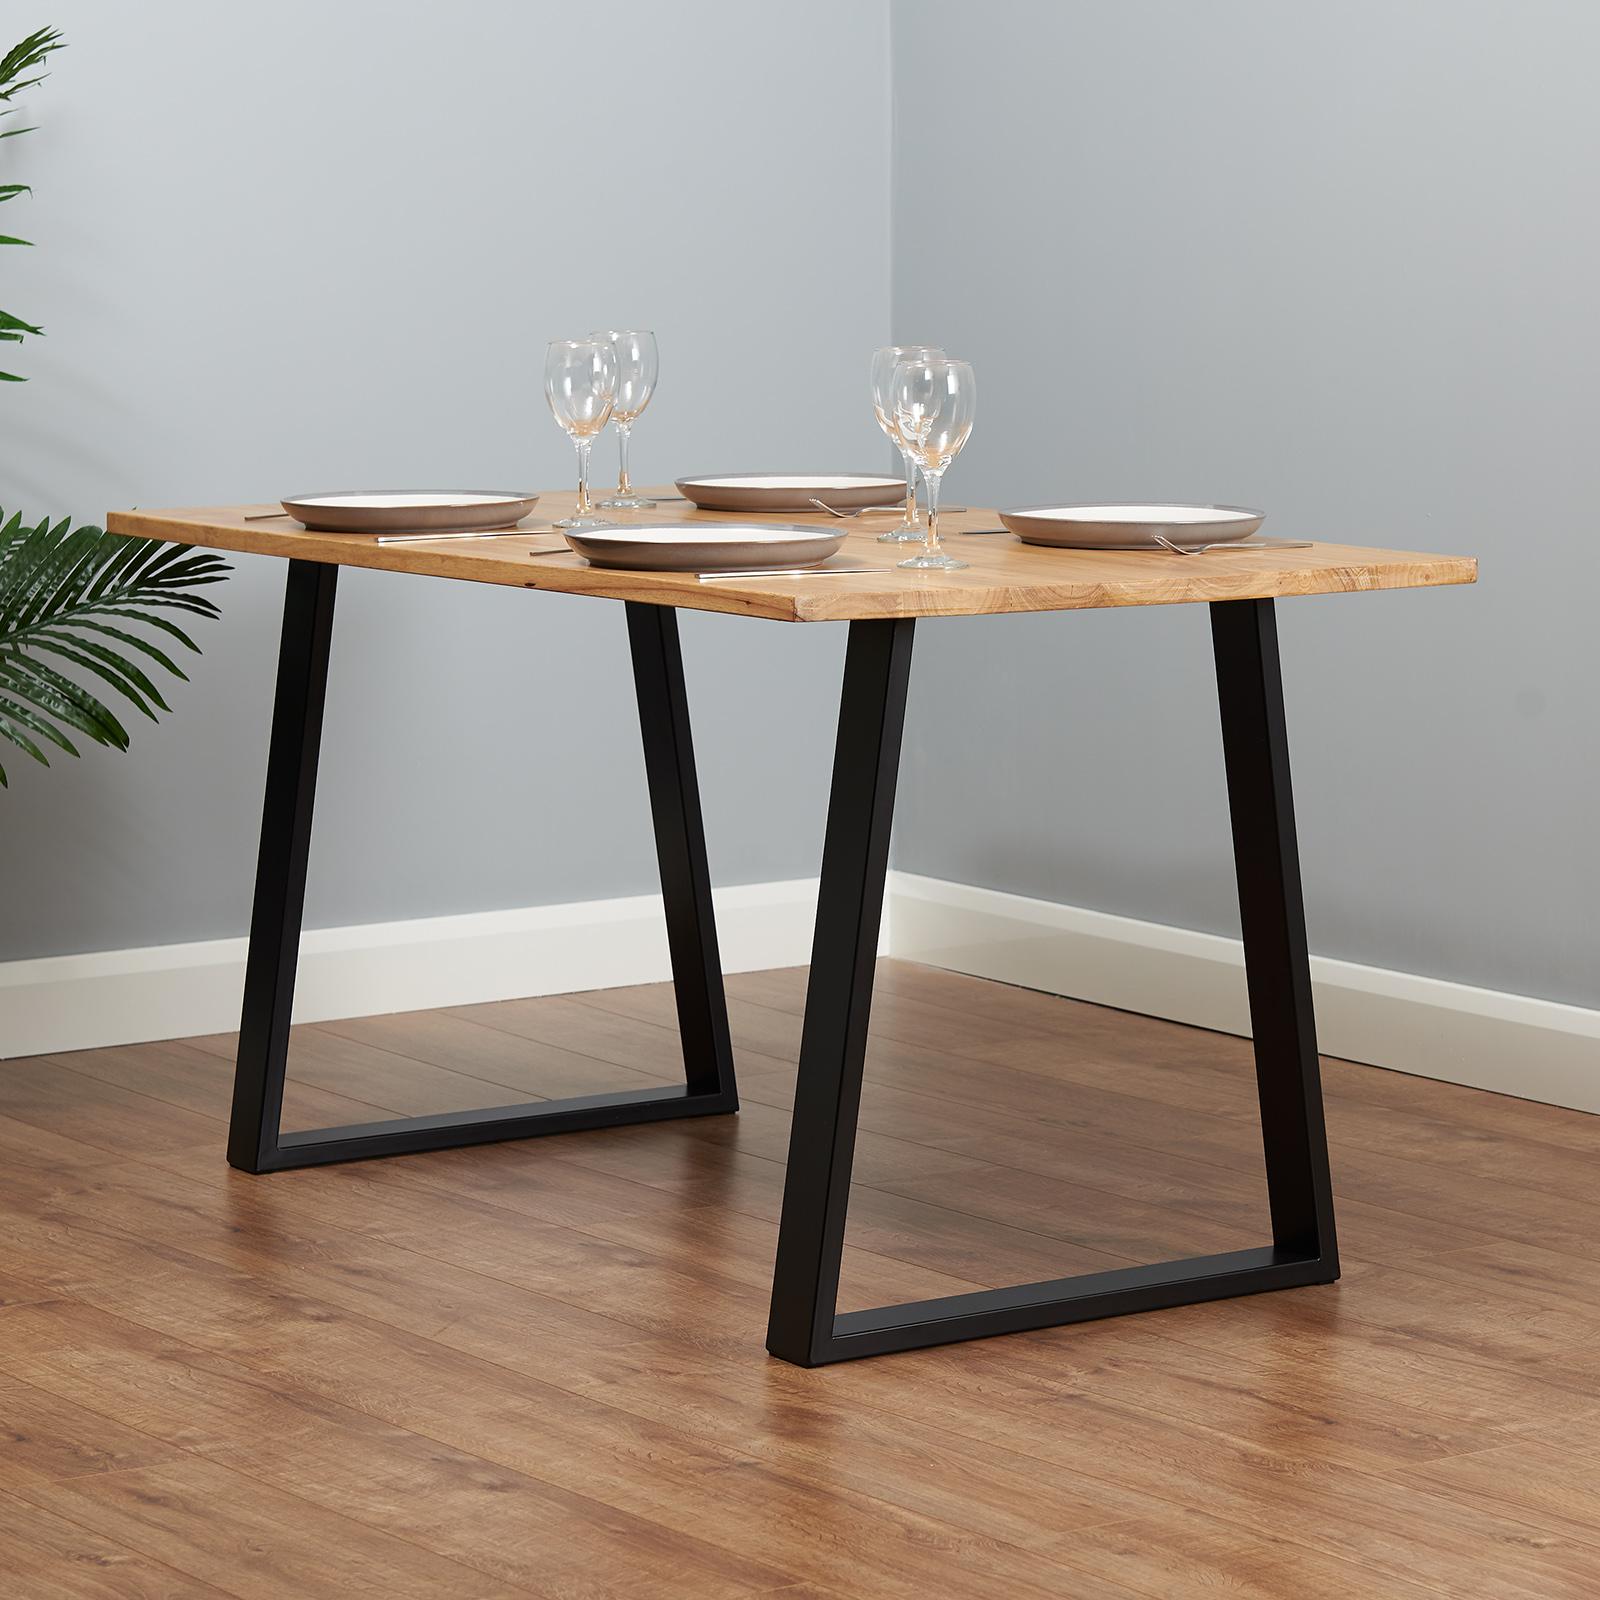 Hartleys Set Of 2 Industrial Metal, Dining Room Table Legs Metal